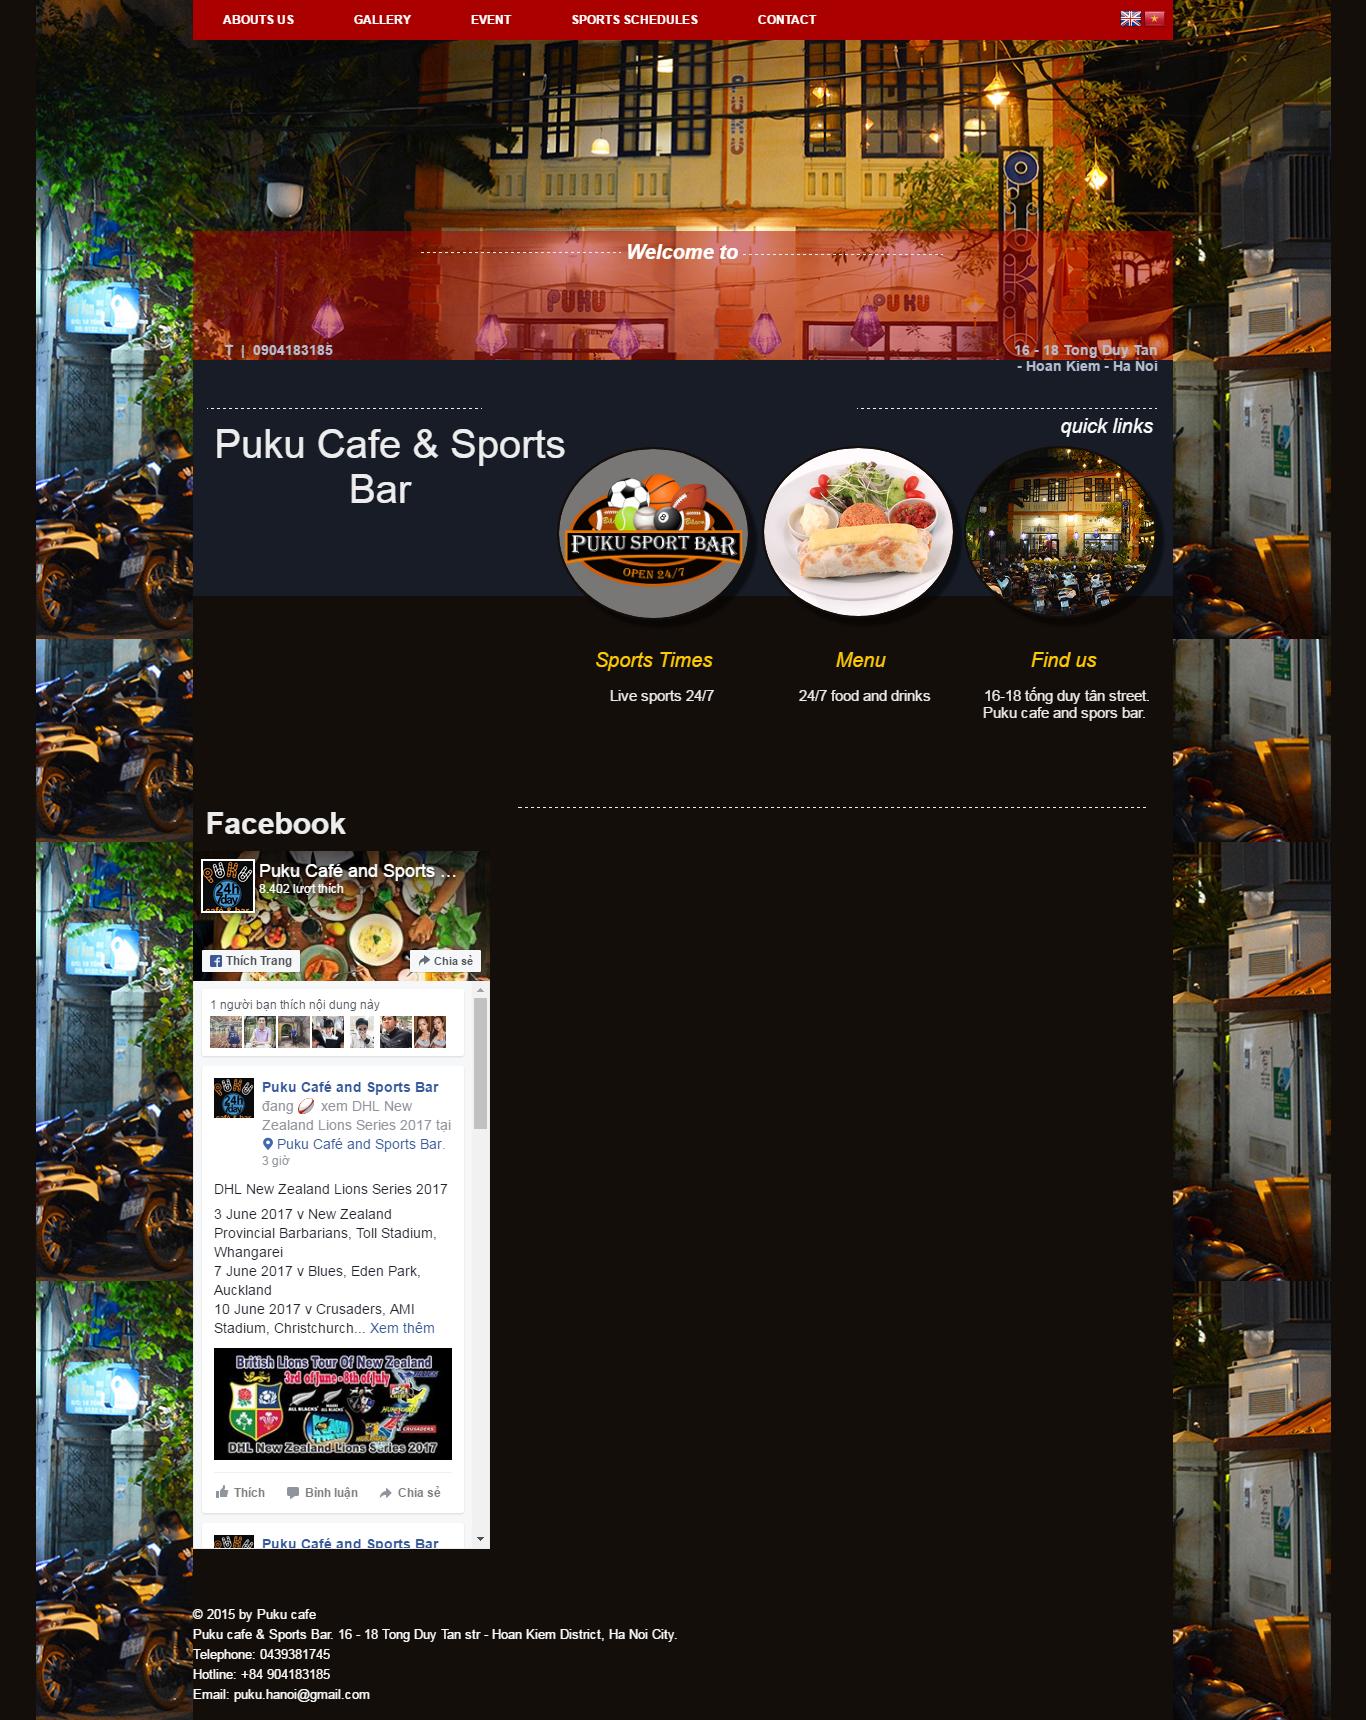 Thiết kế website Puku cafe & Sports Bar đẹp, chuyên nghiệp chuẩn SEO